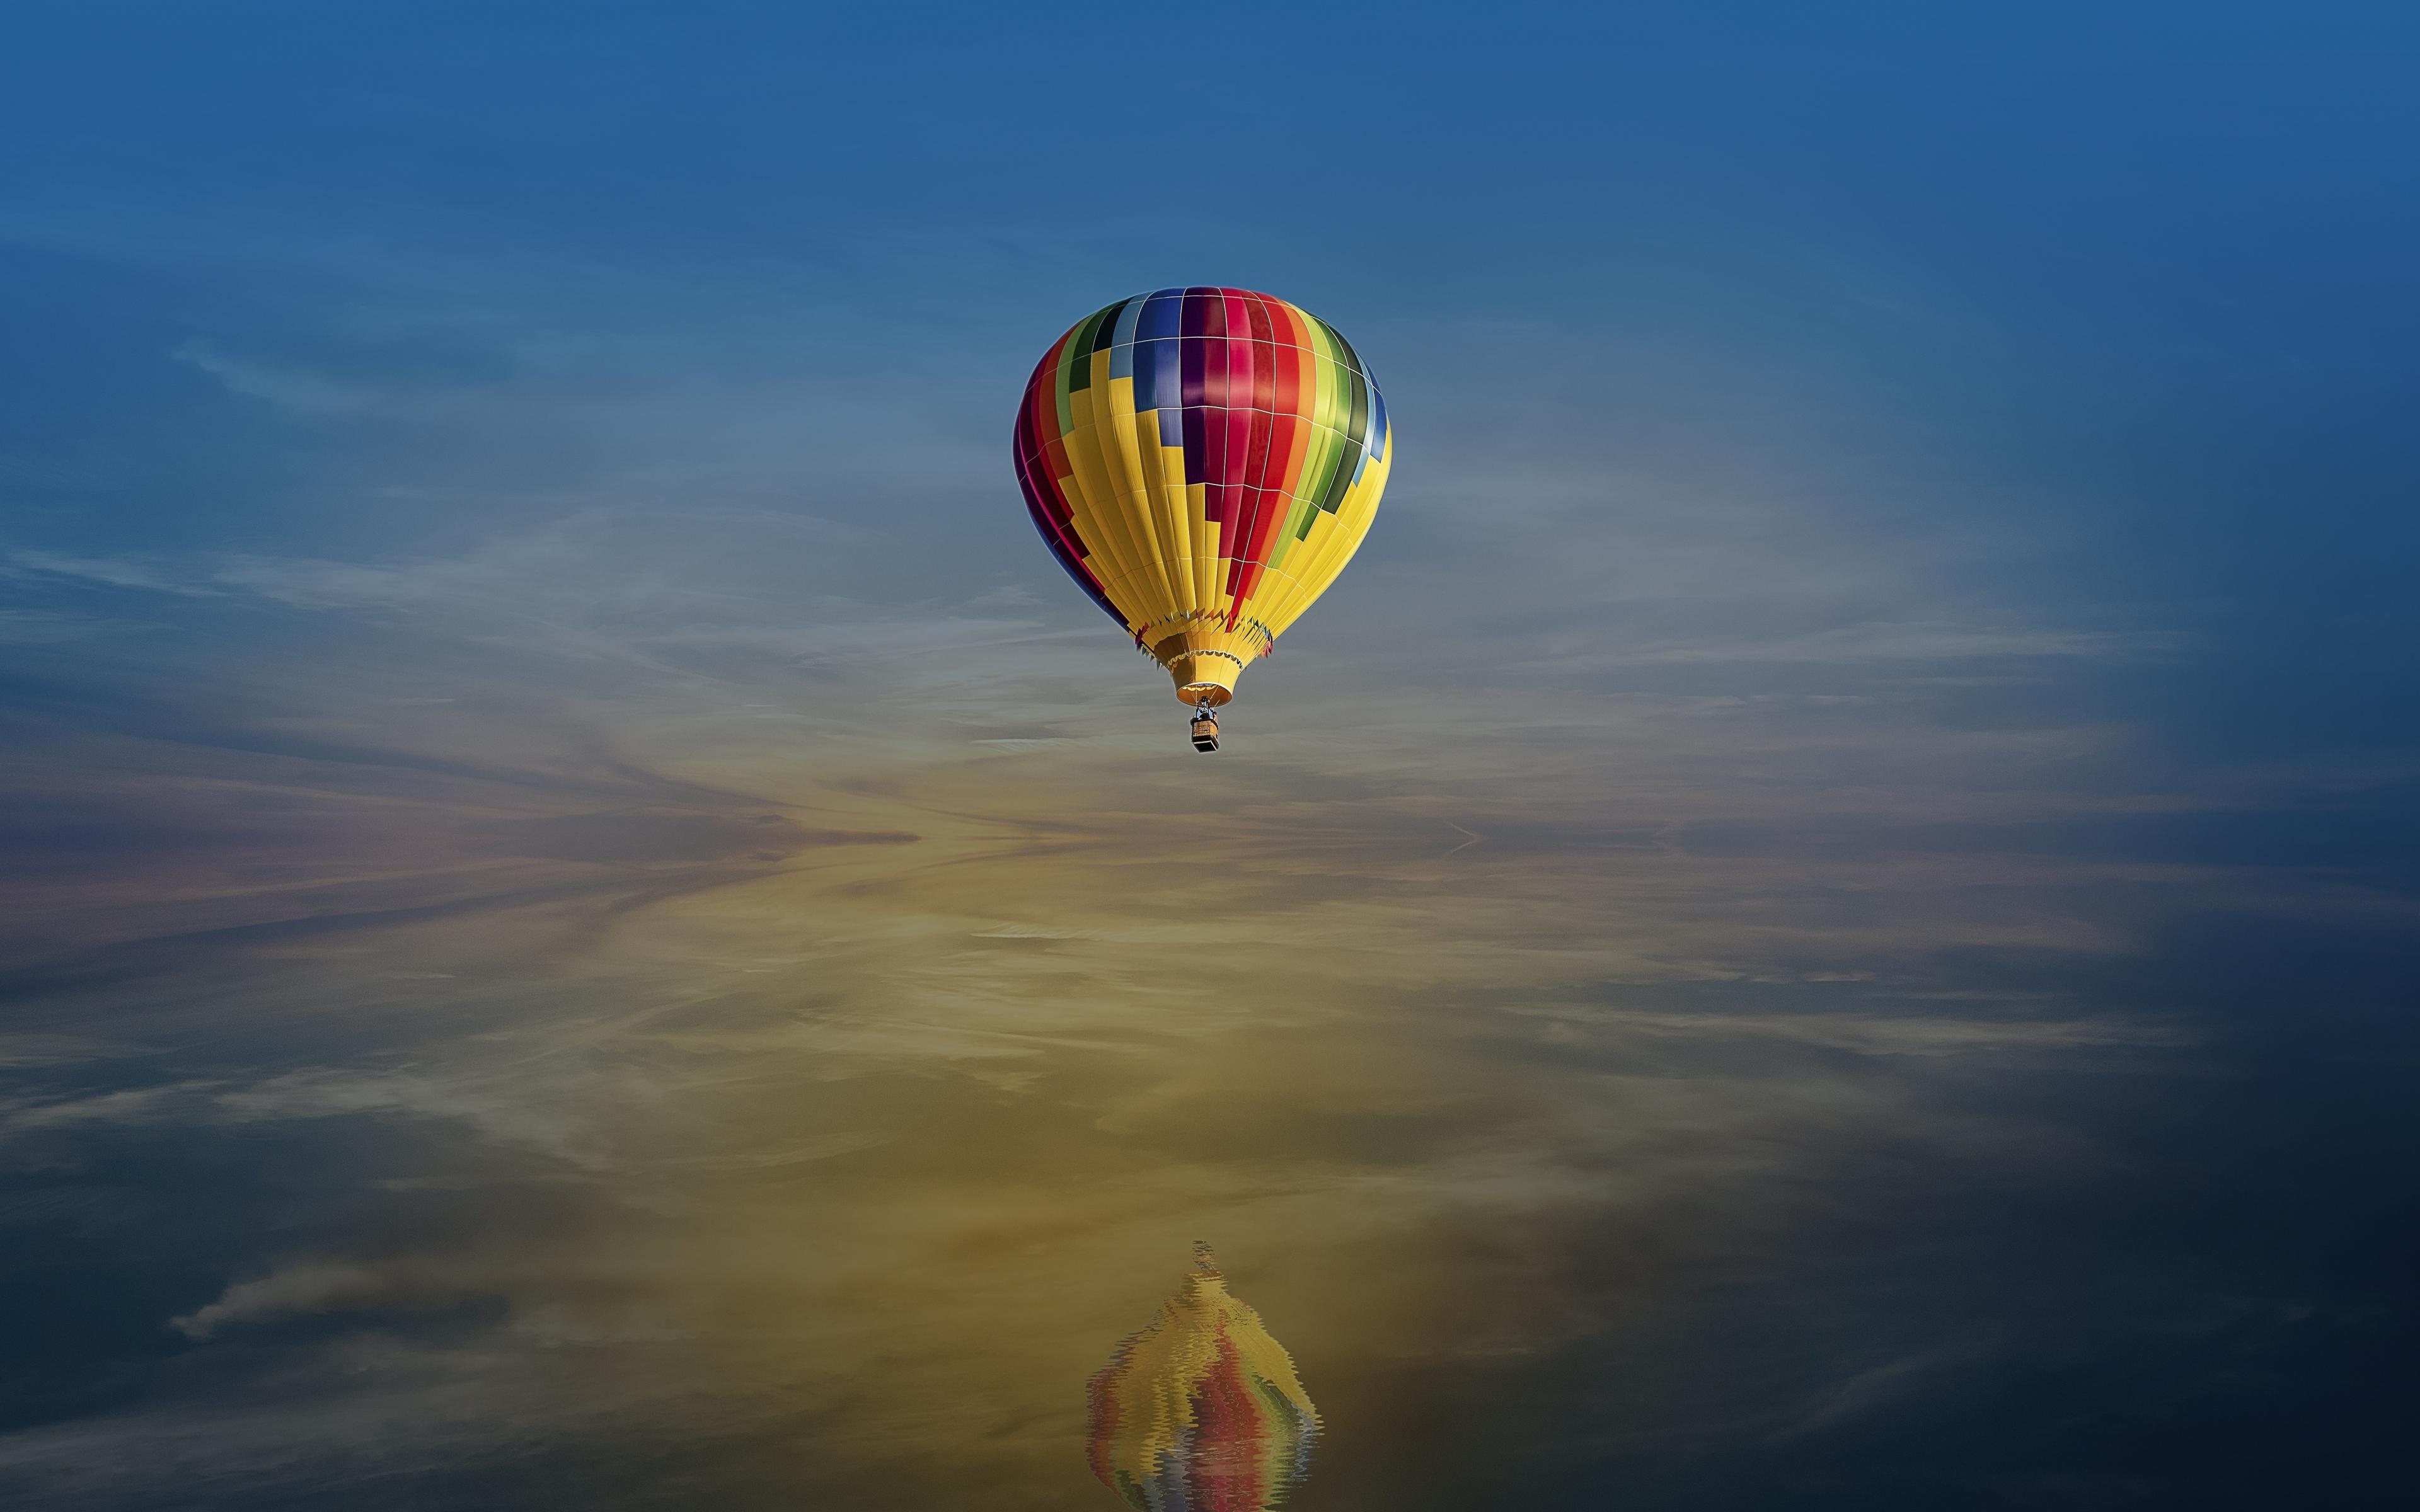 29+ Hot Air Balloon Wallpaper 4K Wallpapers